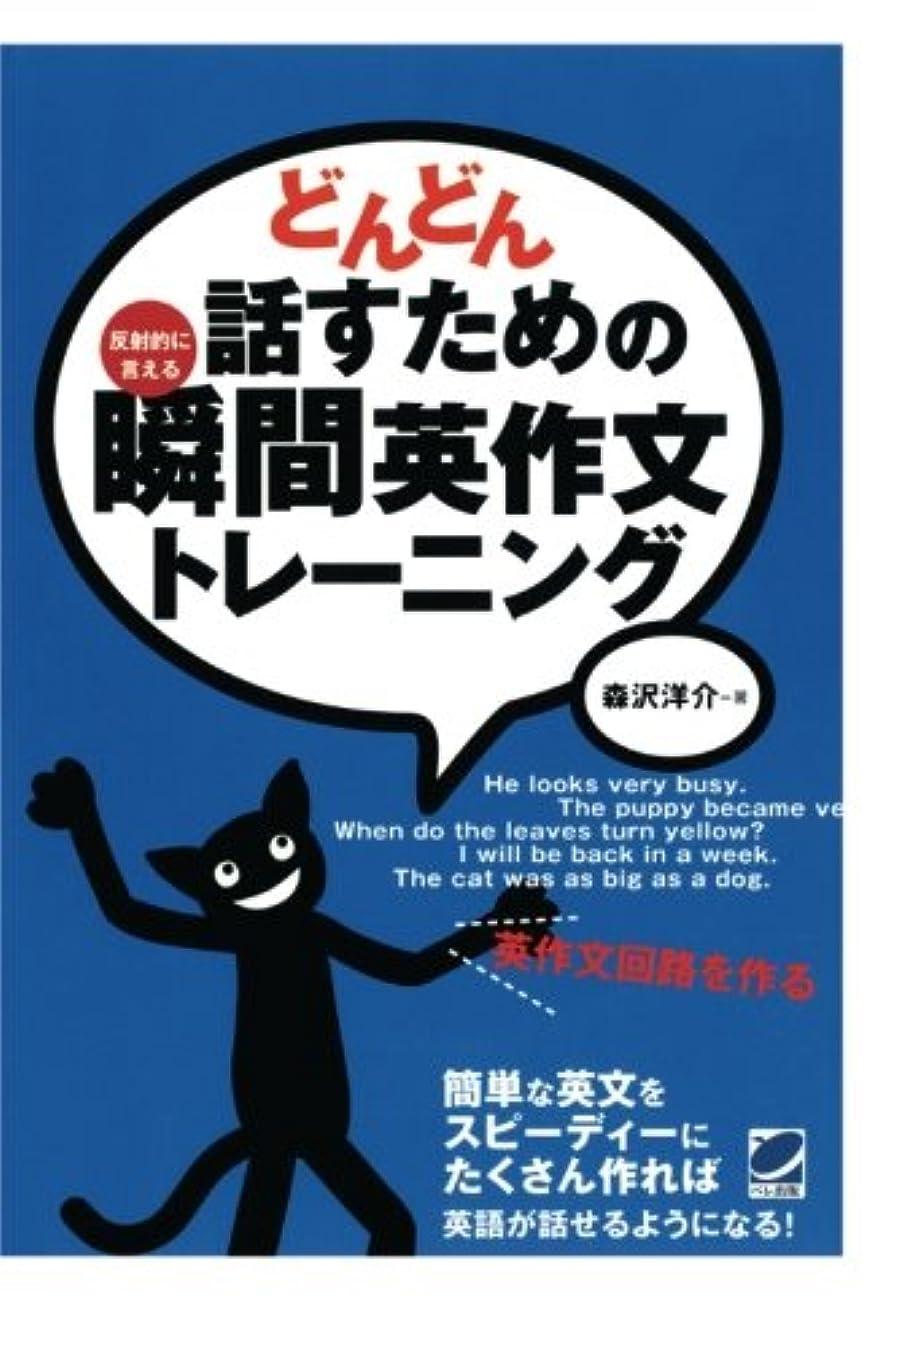 変な意志ロータリーどんどん話すための瞬間英作文トレーニング(CDなしバージョン)